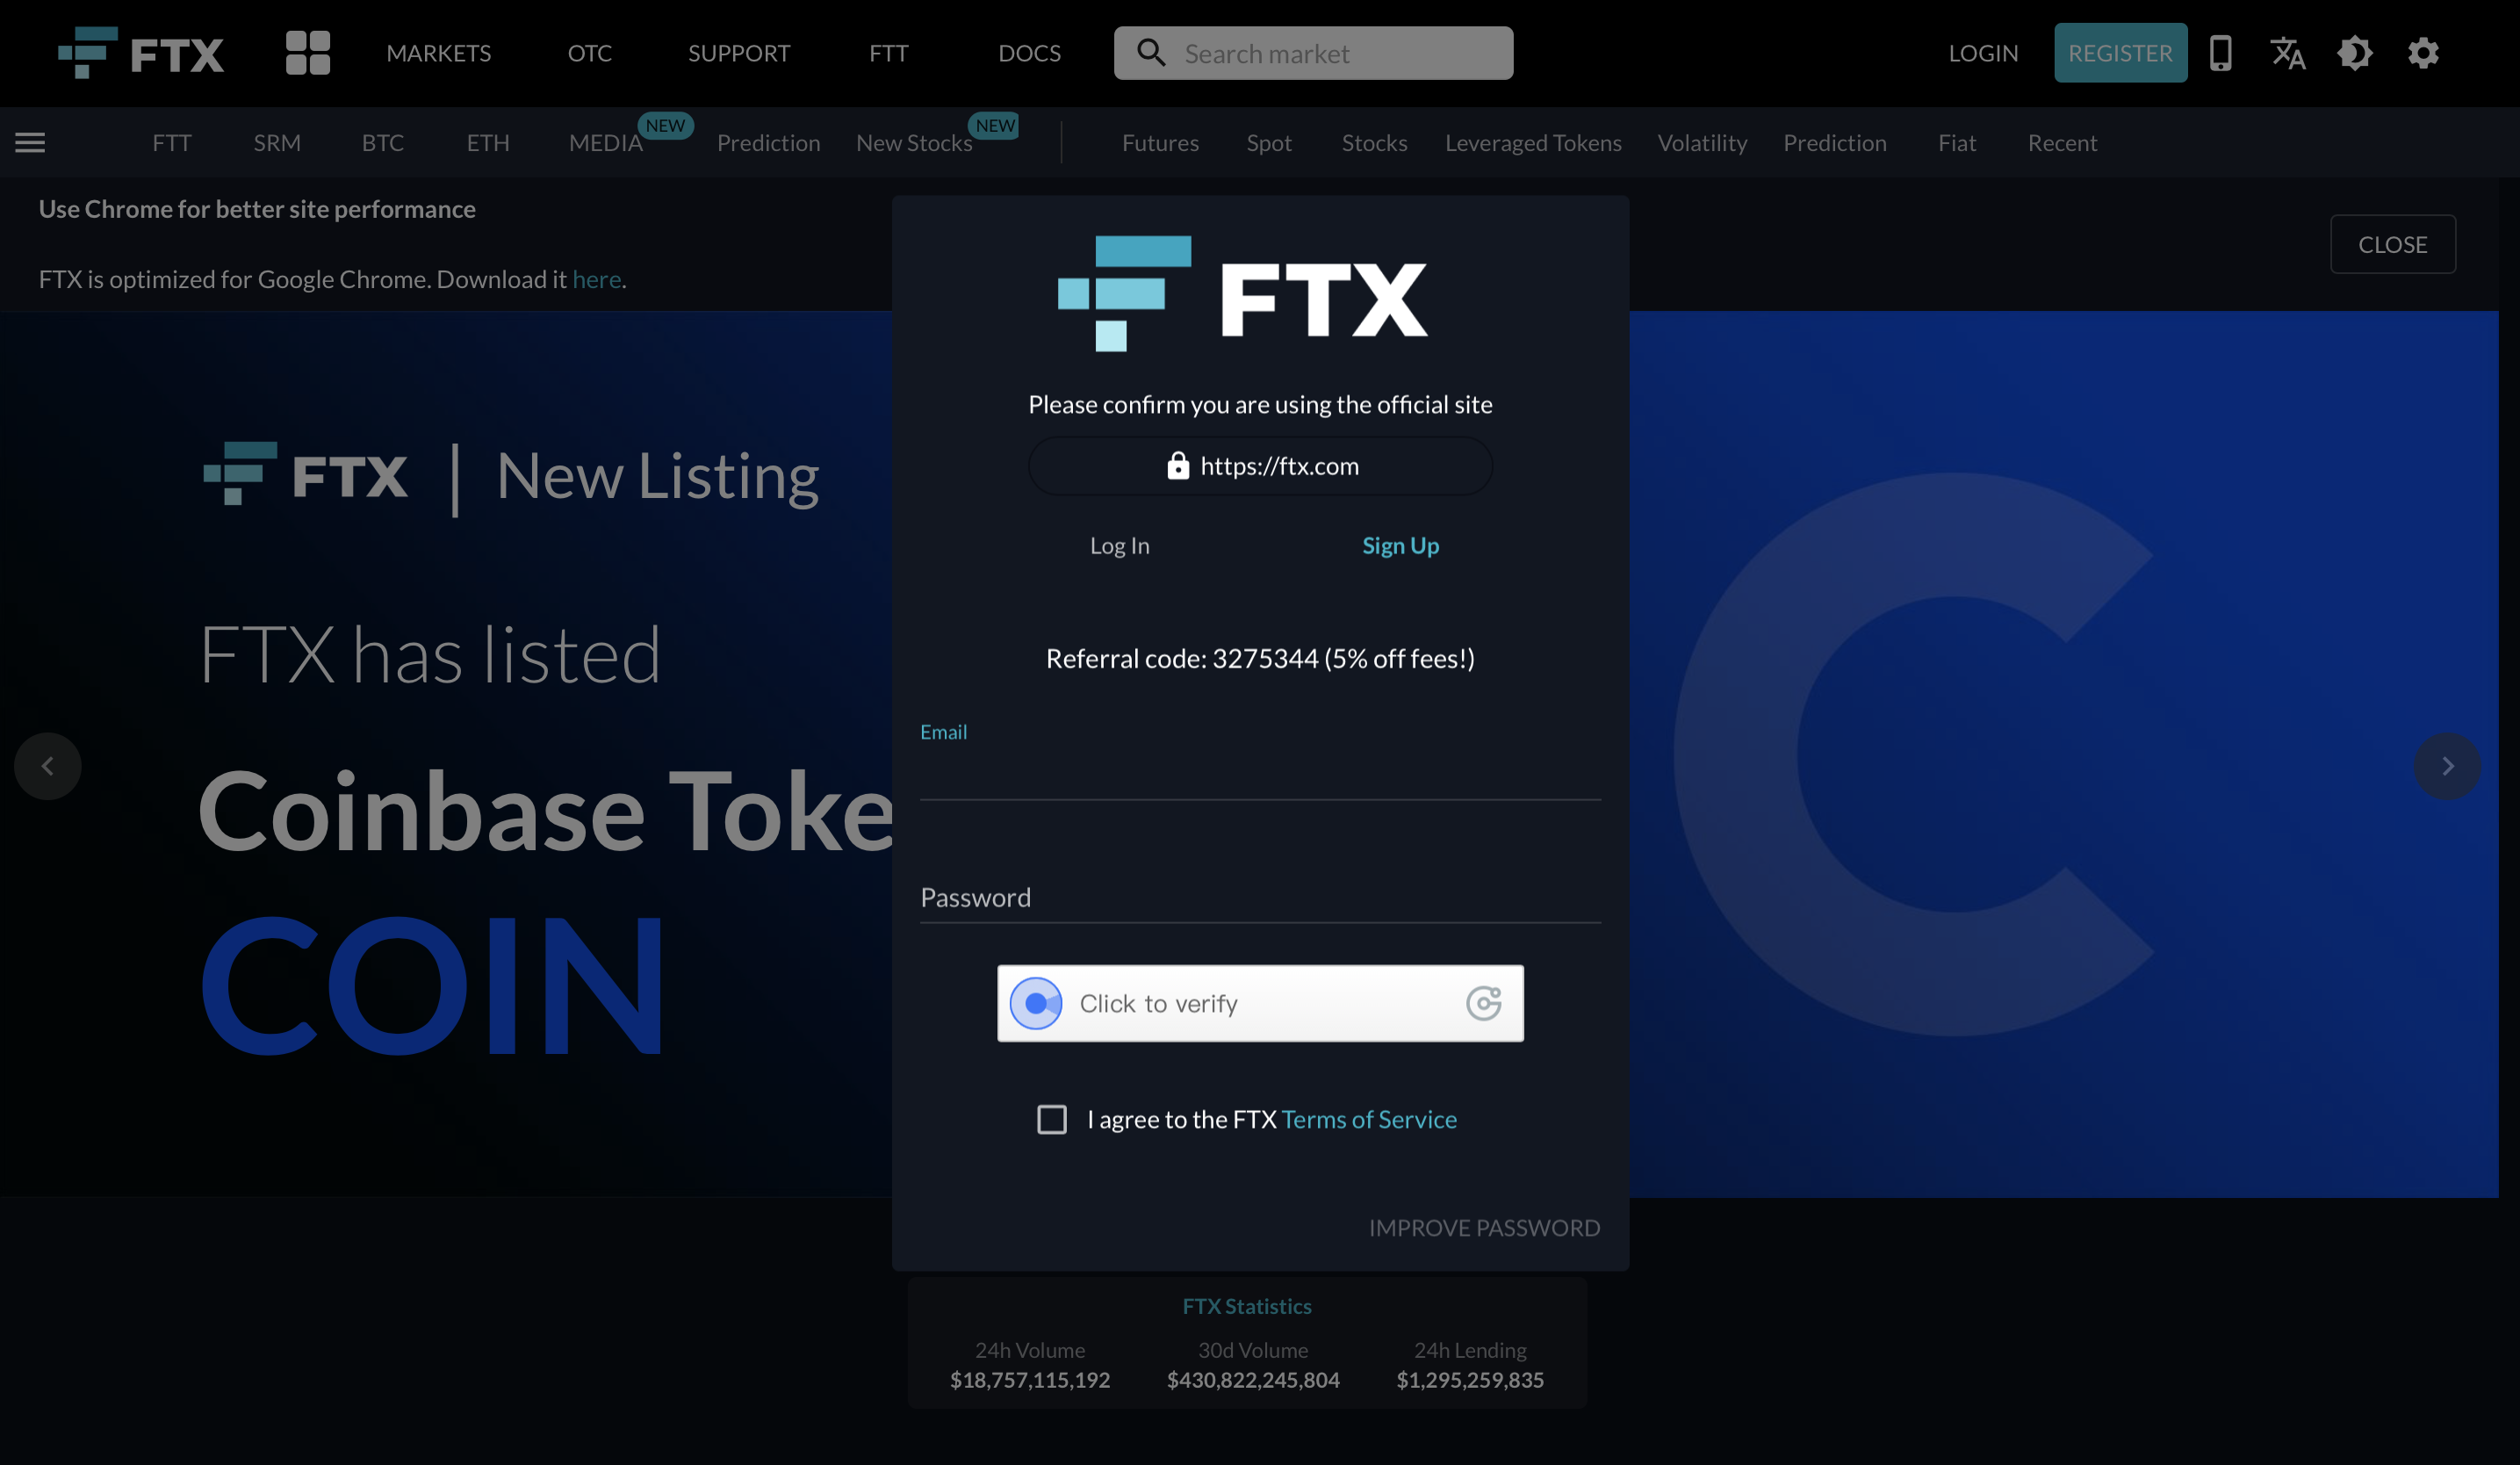 FTXのホームページTOP